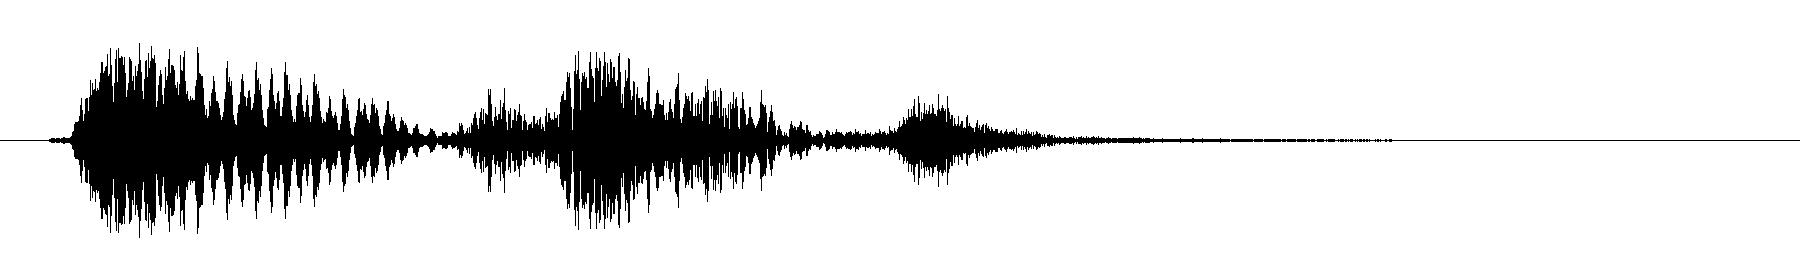 vocoder 1   input